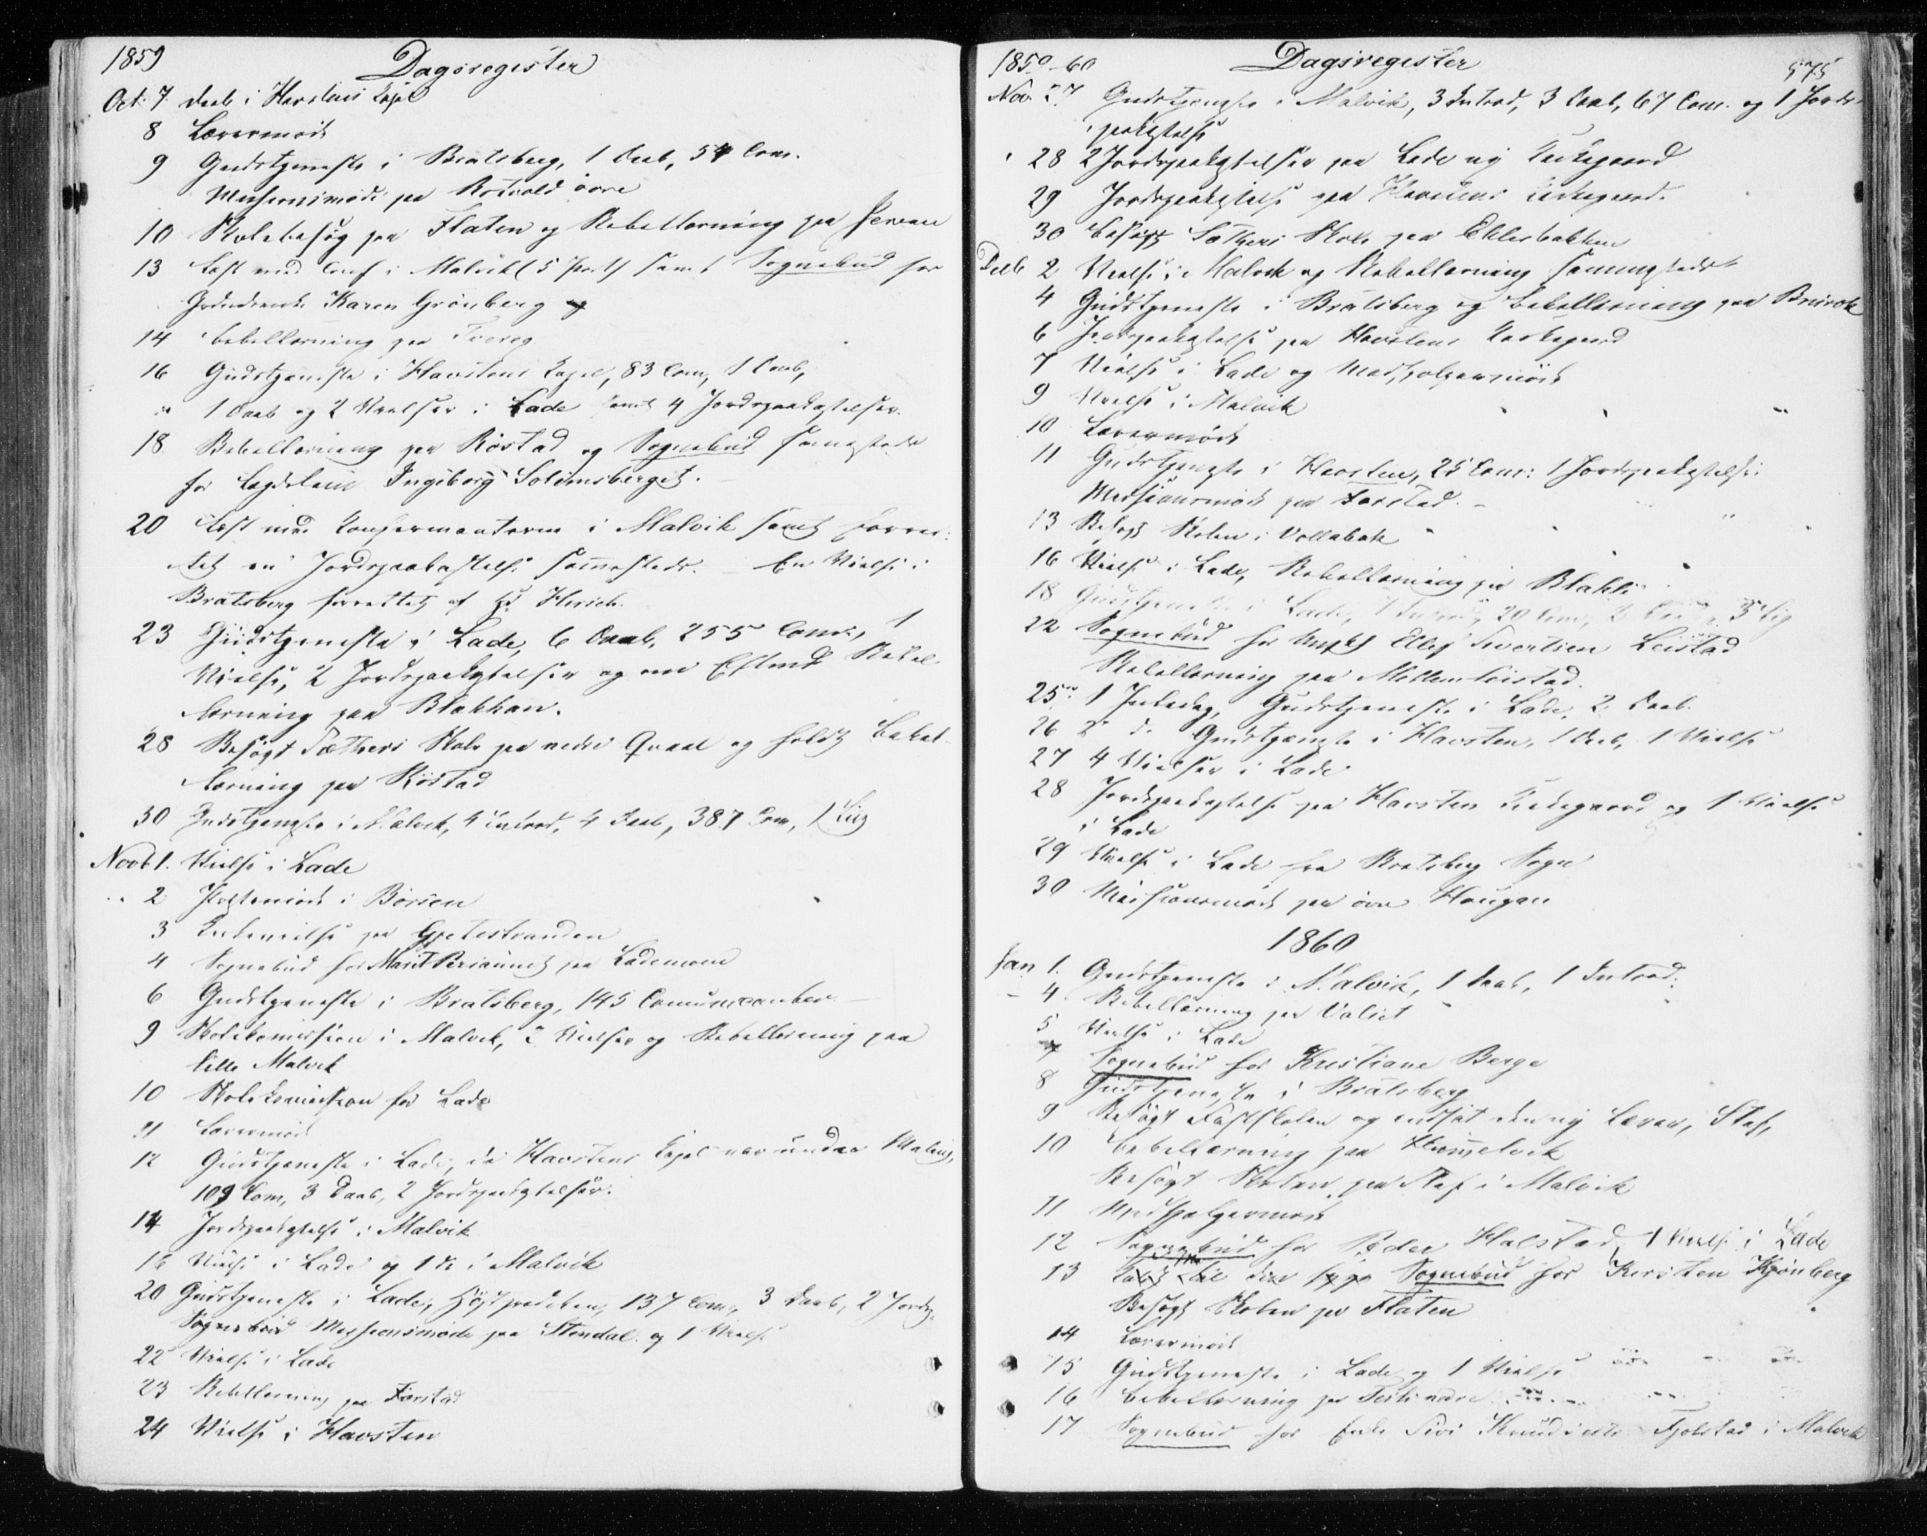 SAT, Ministerialprotokoller, klokkerbøker og fødselsregistre - Sør-Trøndelag, 606/L0292: Ministerialbok nr. 606A07, 1856-1865, s. 575